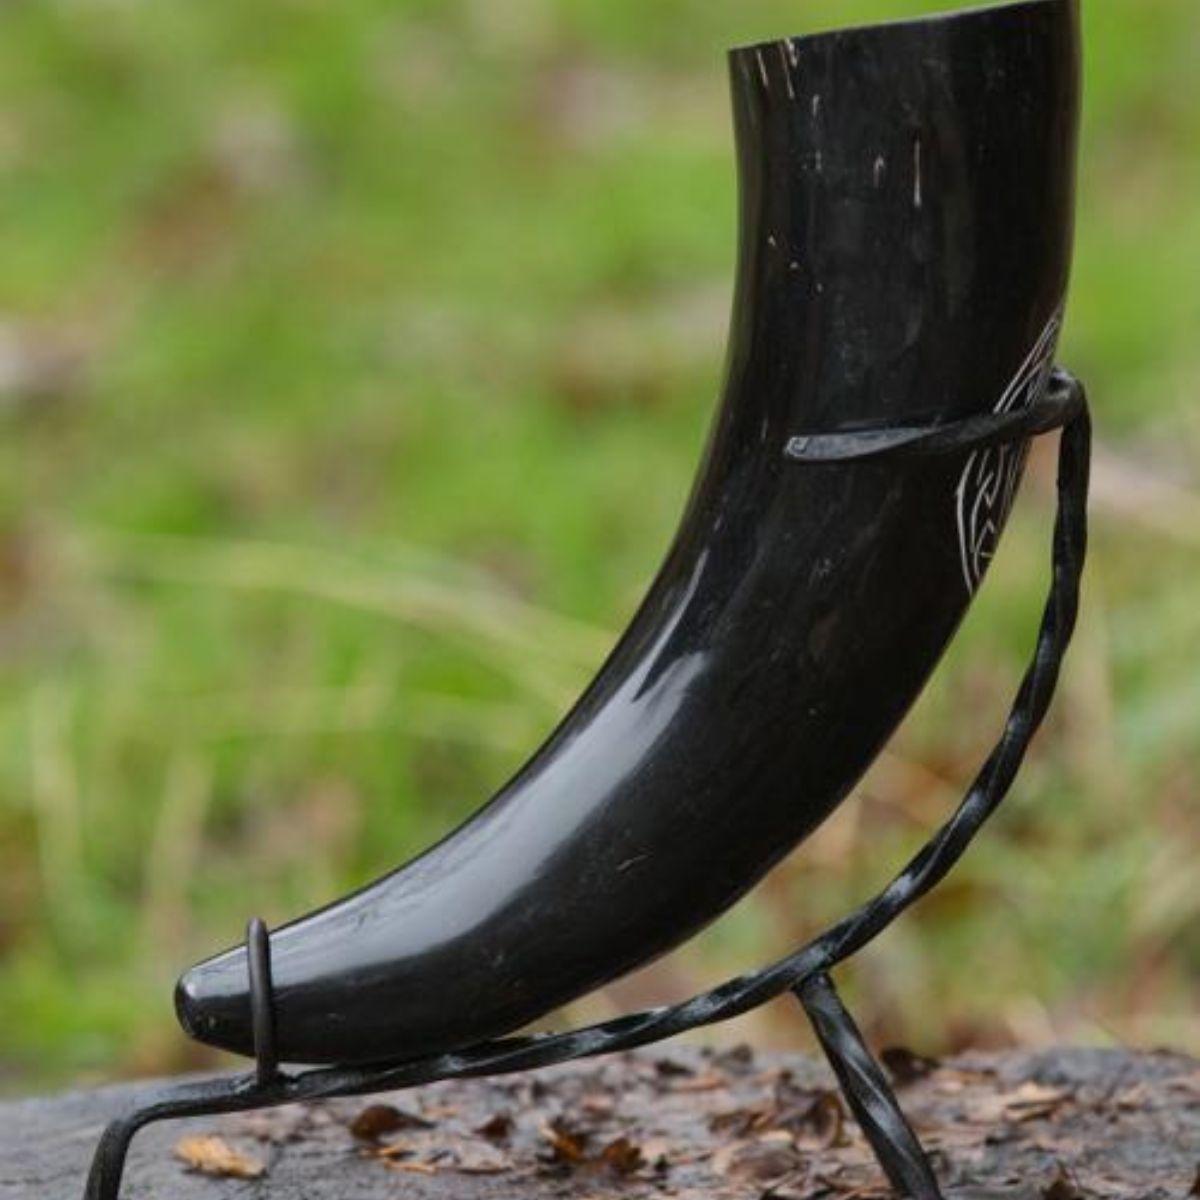 Drinkhoorn standaard handgesmeed, 0,3-0,5 liter hoorns